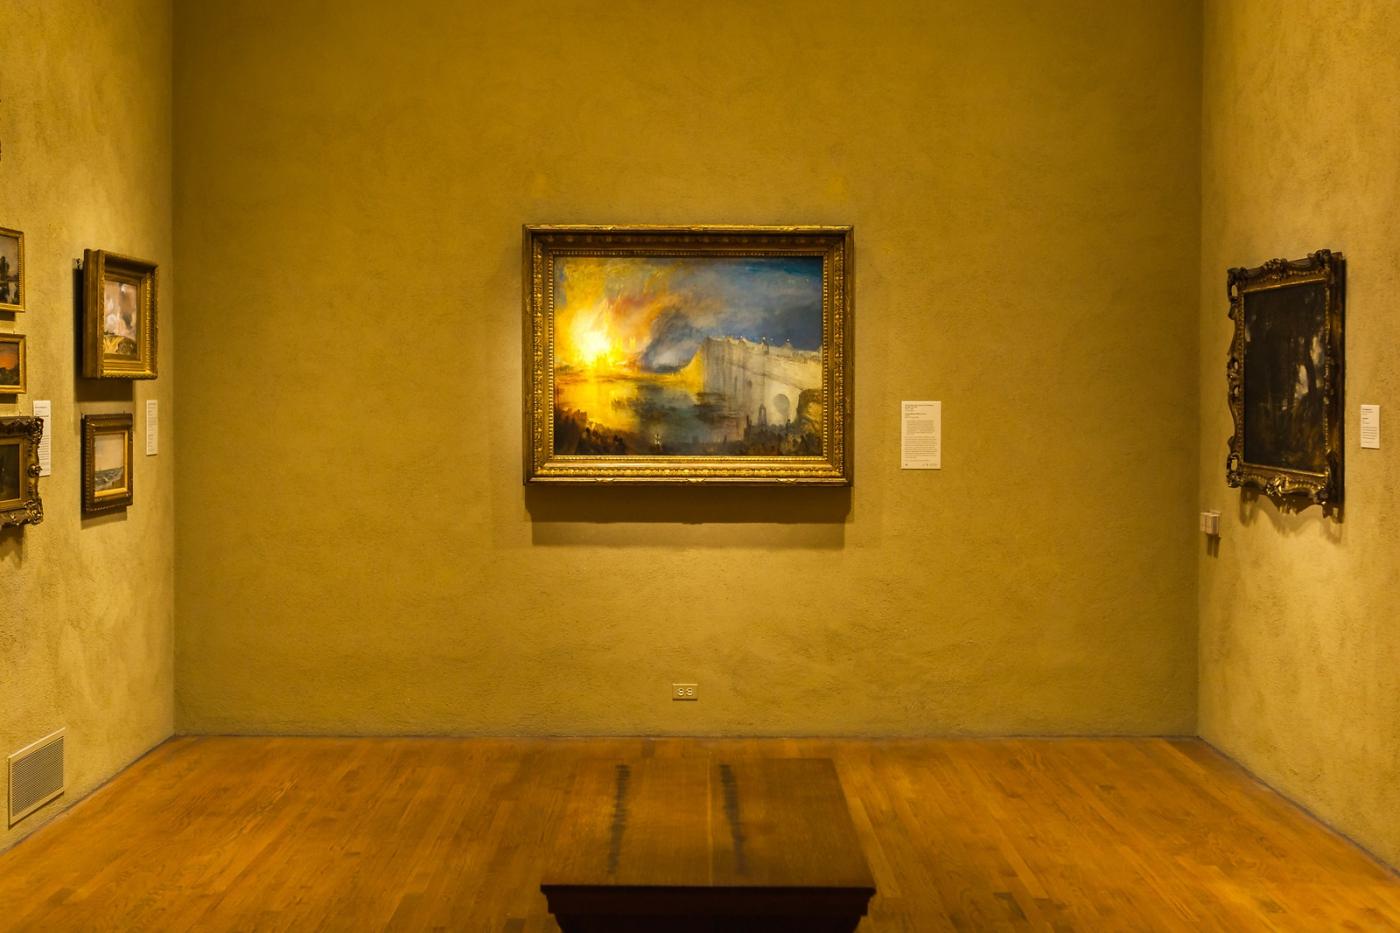 费城艺术博物馆,看展品布局_图1-4